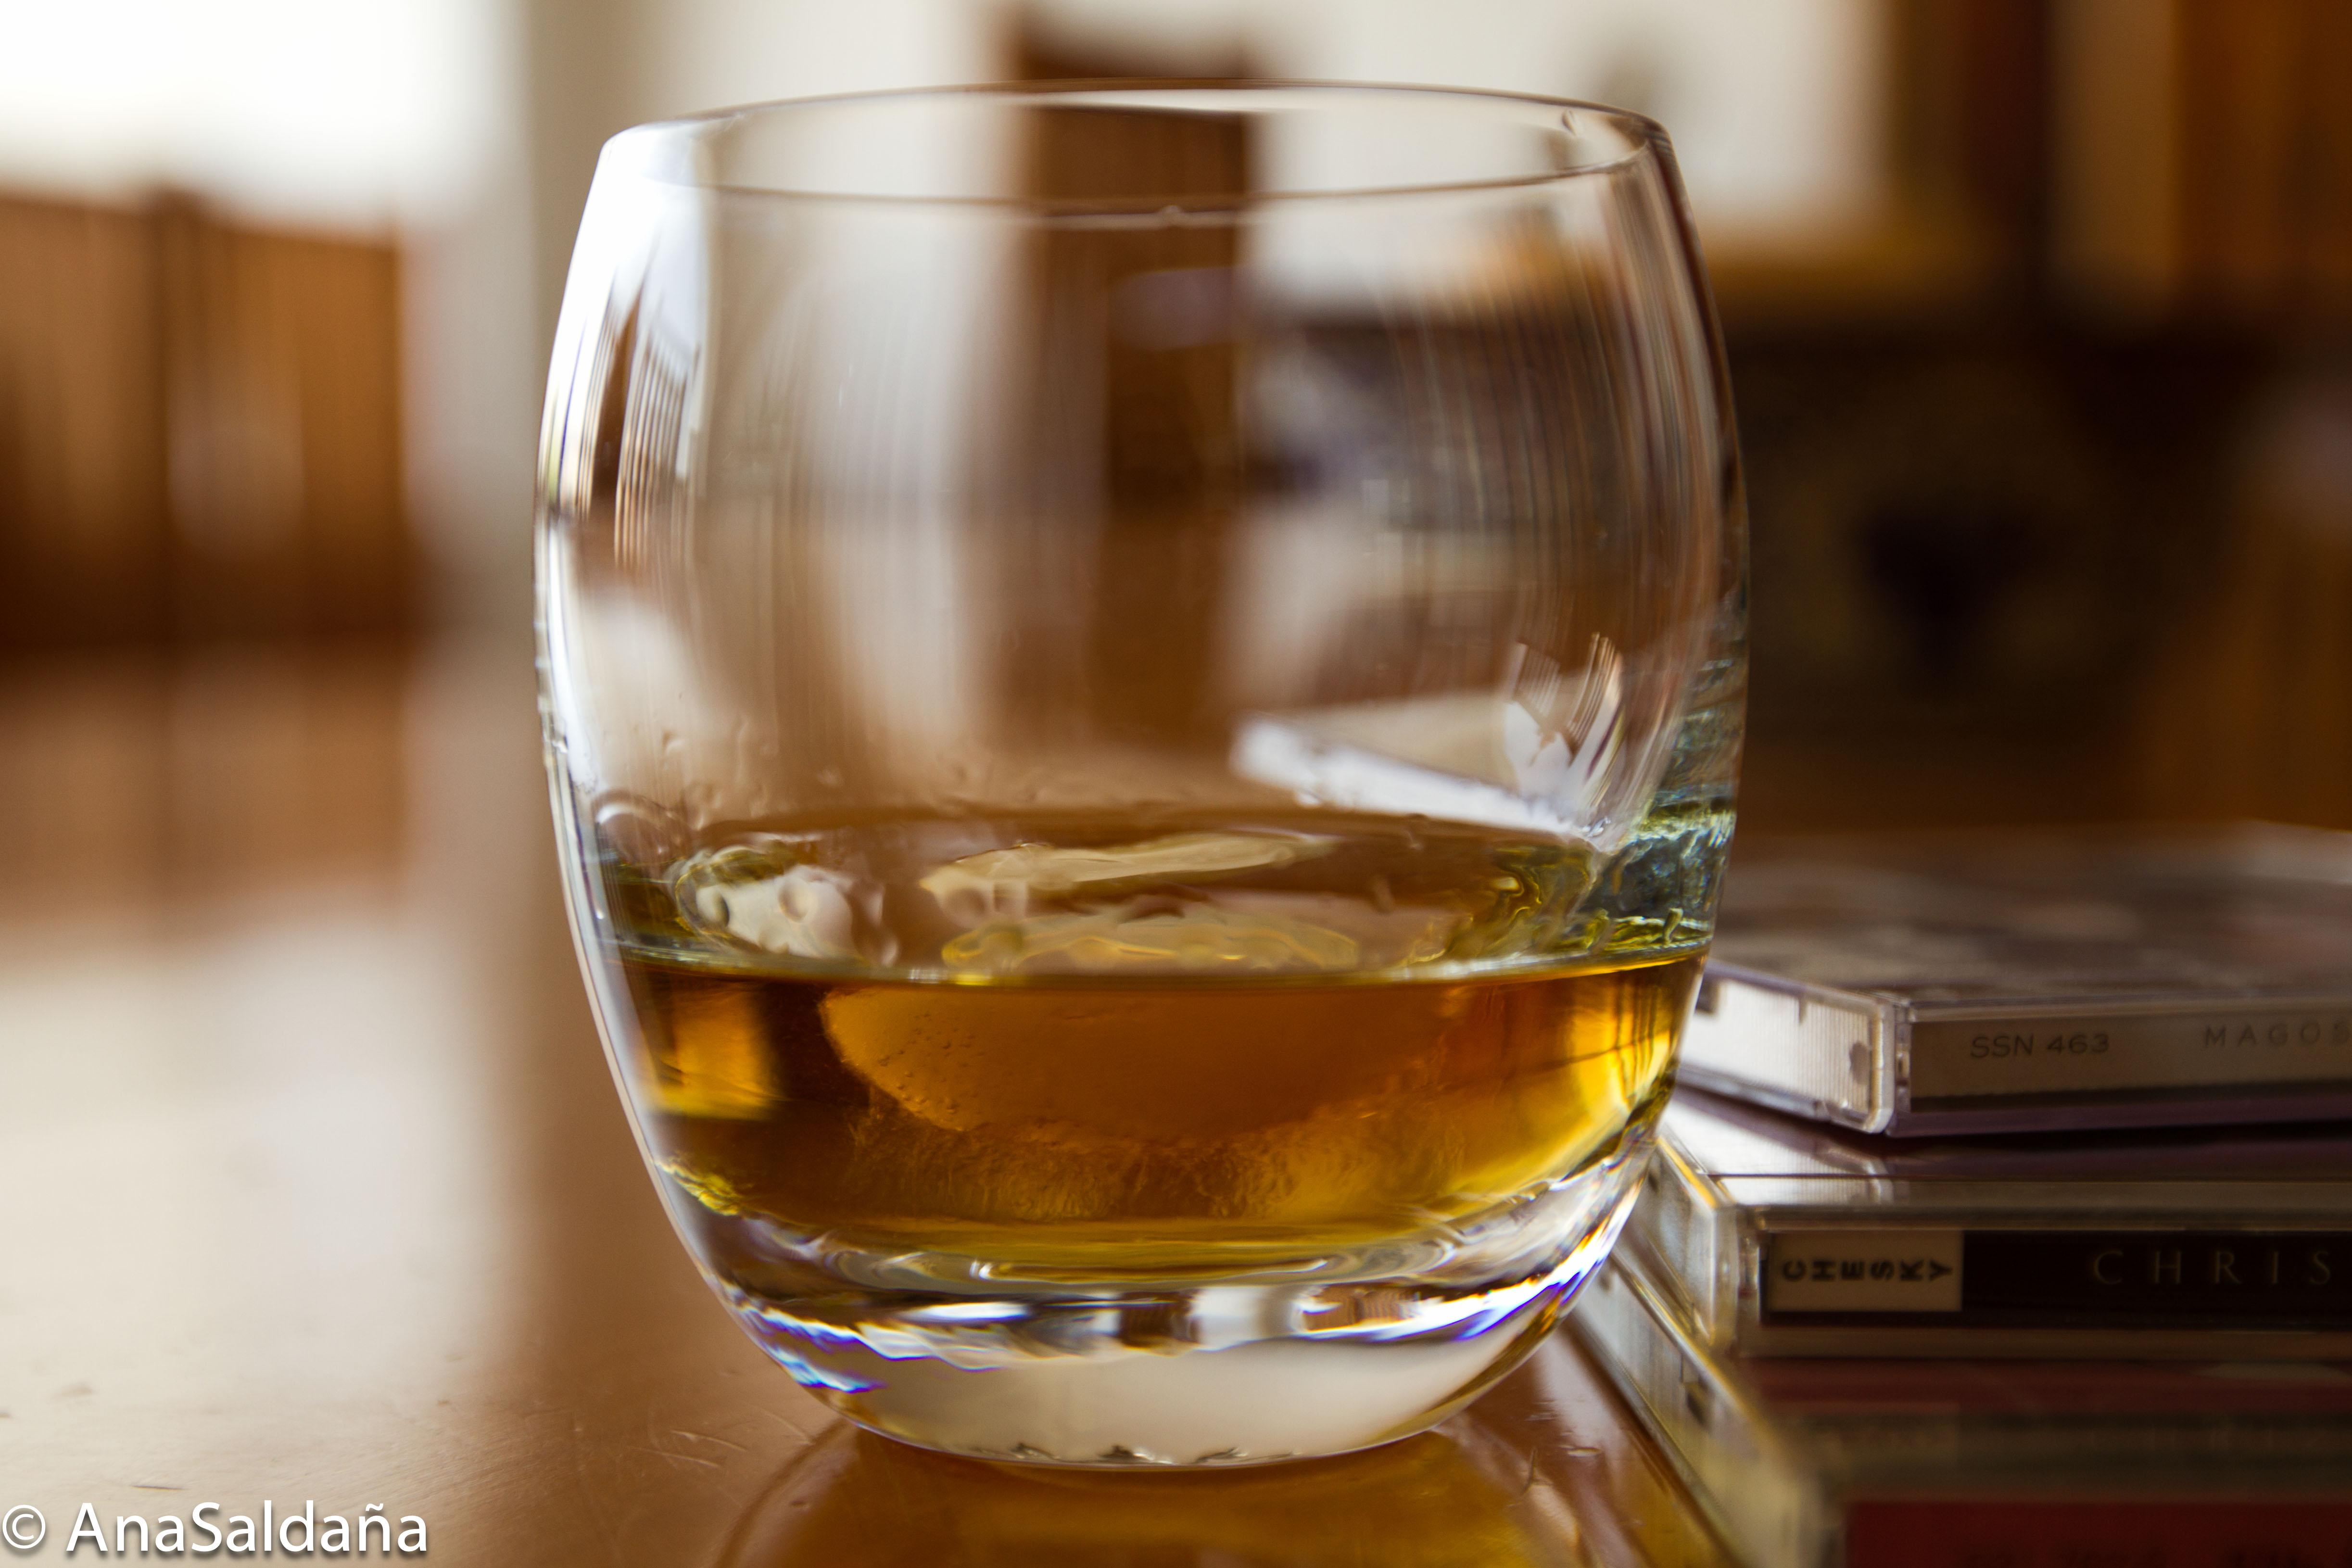 Whisky para conocedores ¿sigle malt o blend?